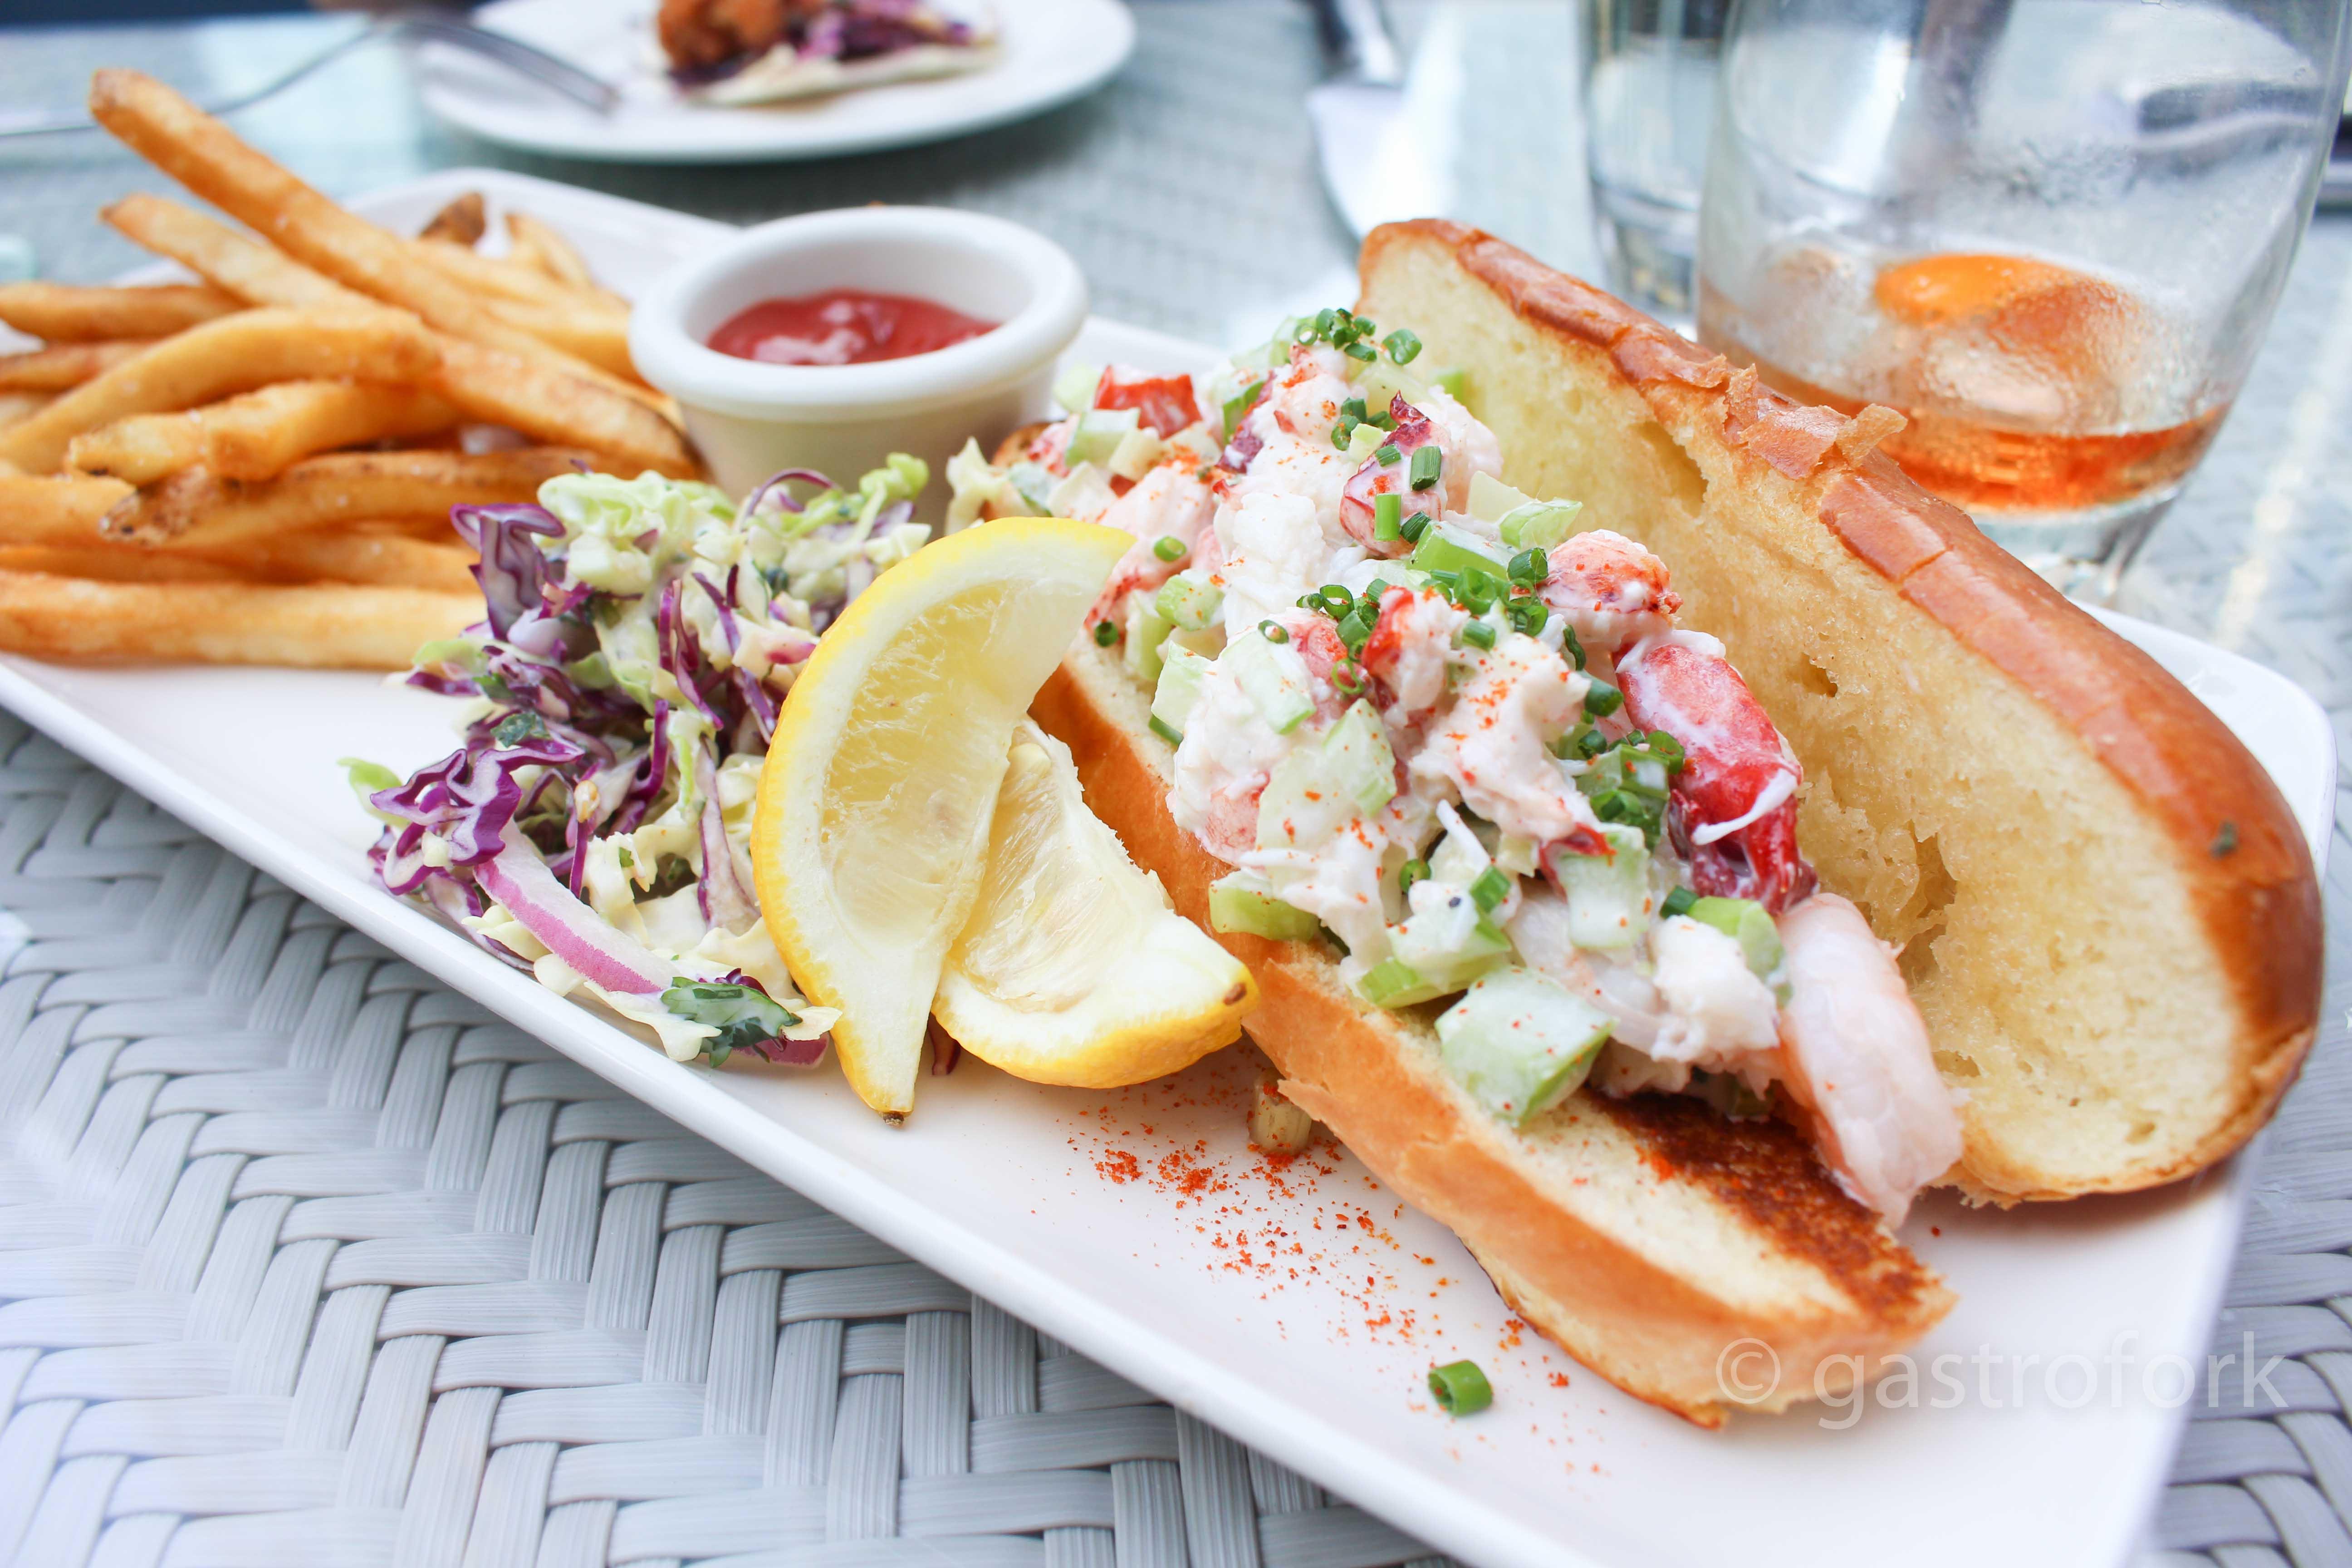 The Keg's Lobster Summer Menu | gastrofork | Vancouver food and travel blog